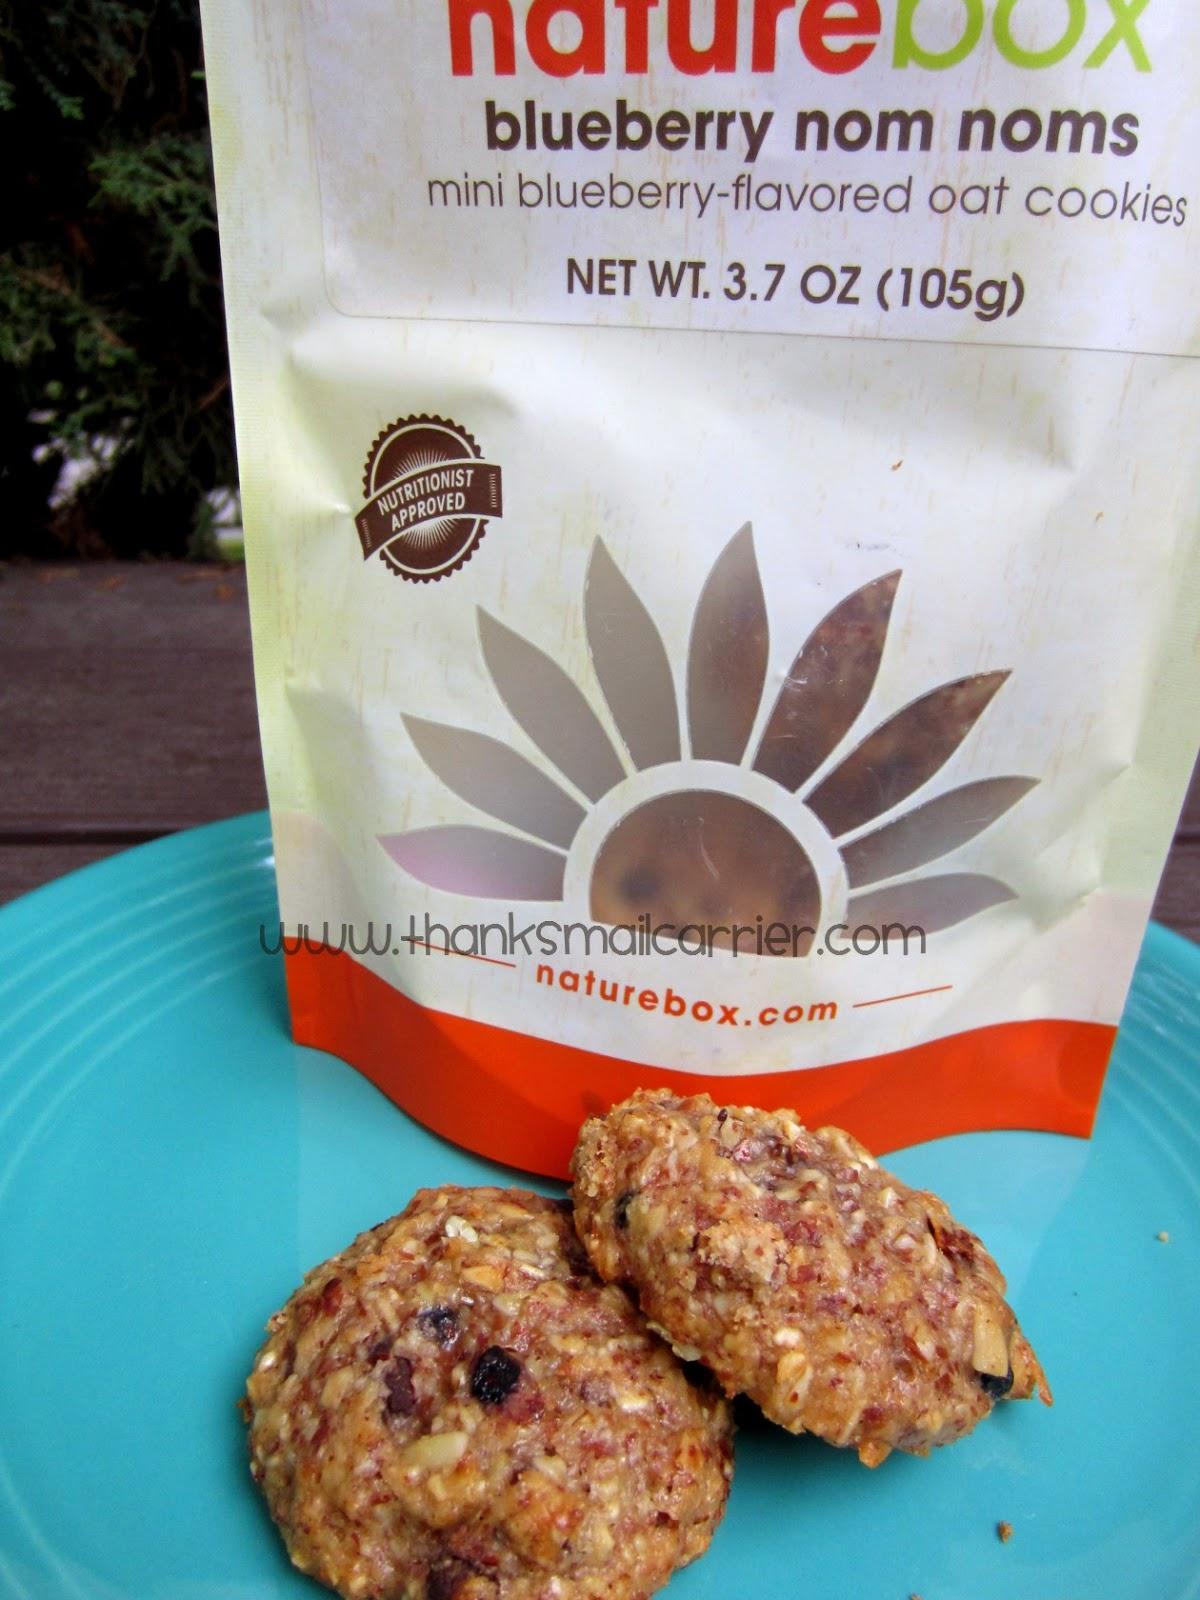 NatureBox oatmeal nom noms